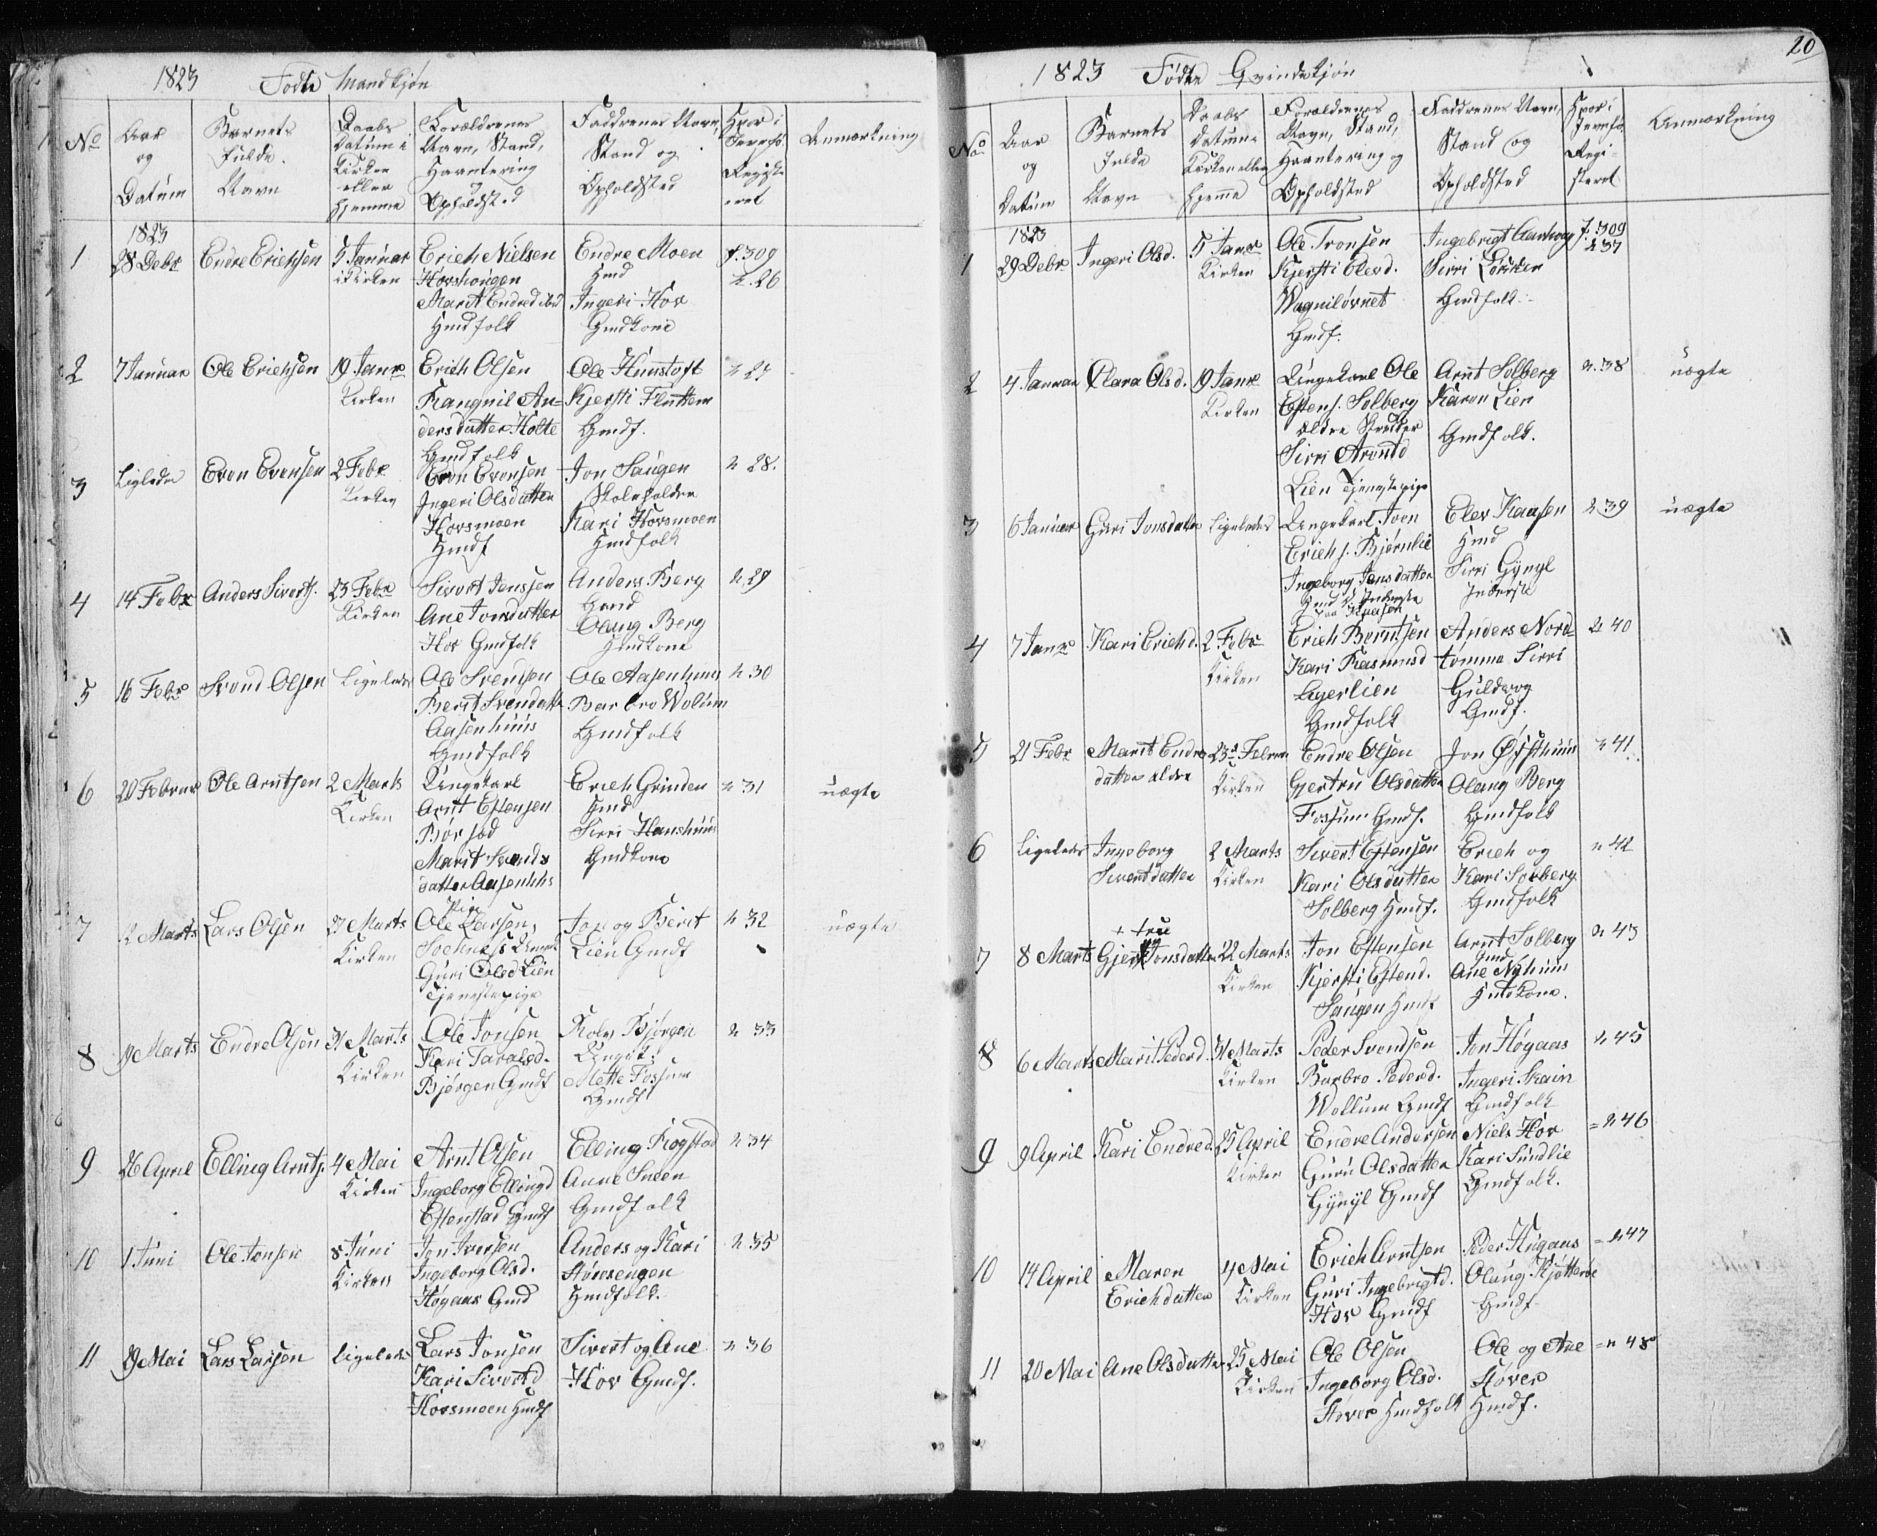 SAT, Ministerialprotokoller, klokkerbøker og fødselsregistre - Sør-Trøndelag, 689/L1043: Klokkerbok nr. 689C02, 1816-1892, s. 20